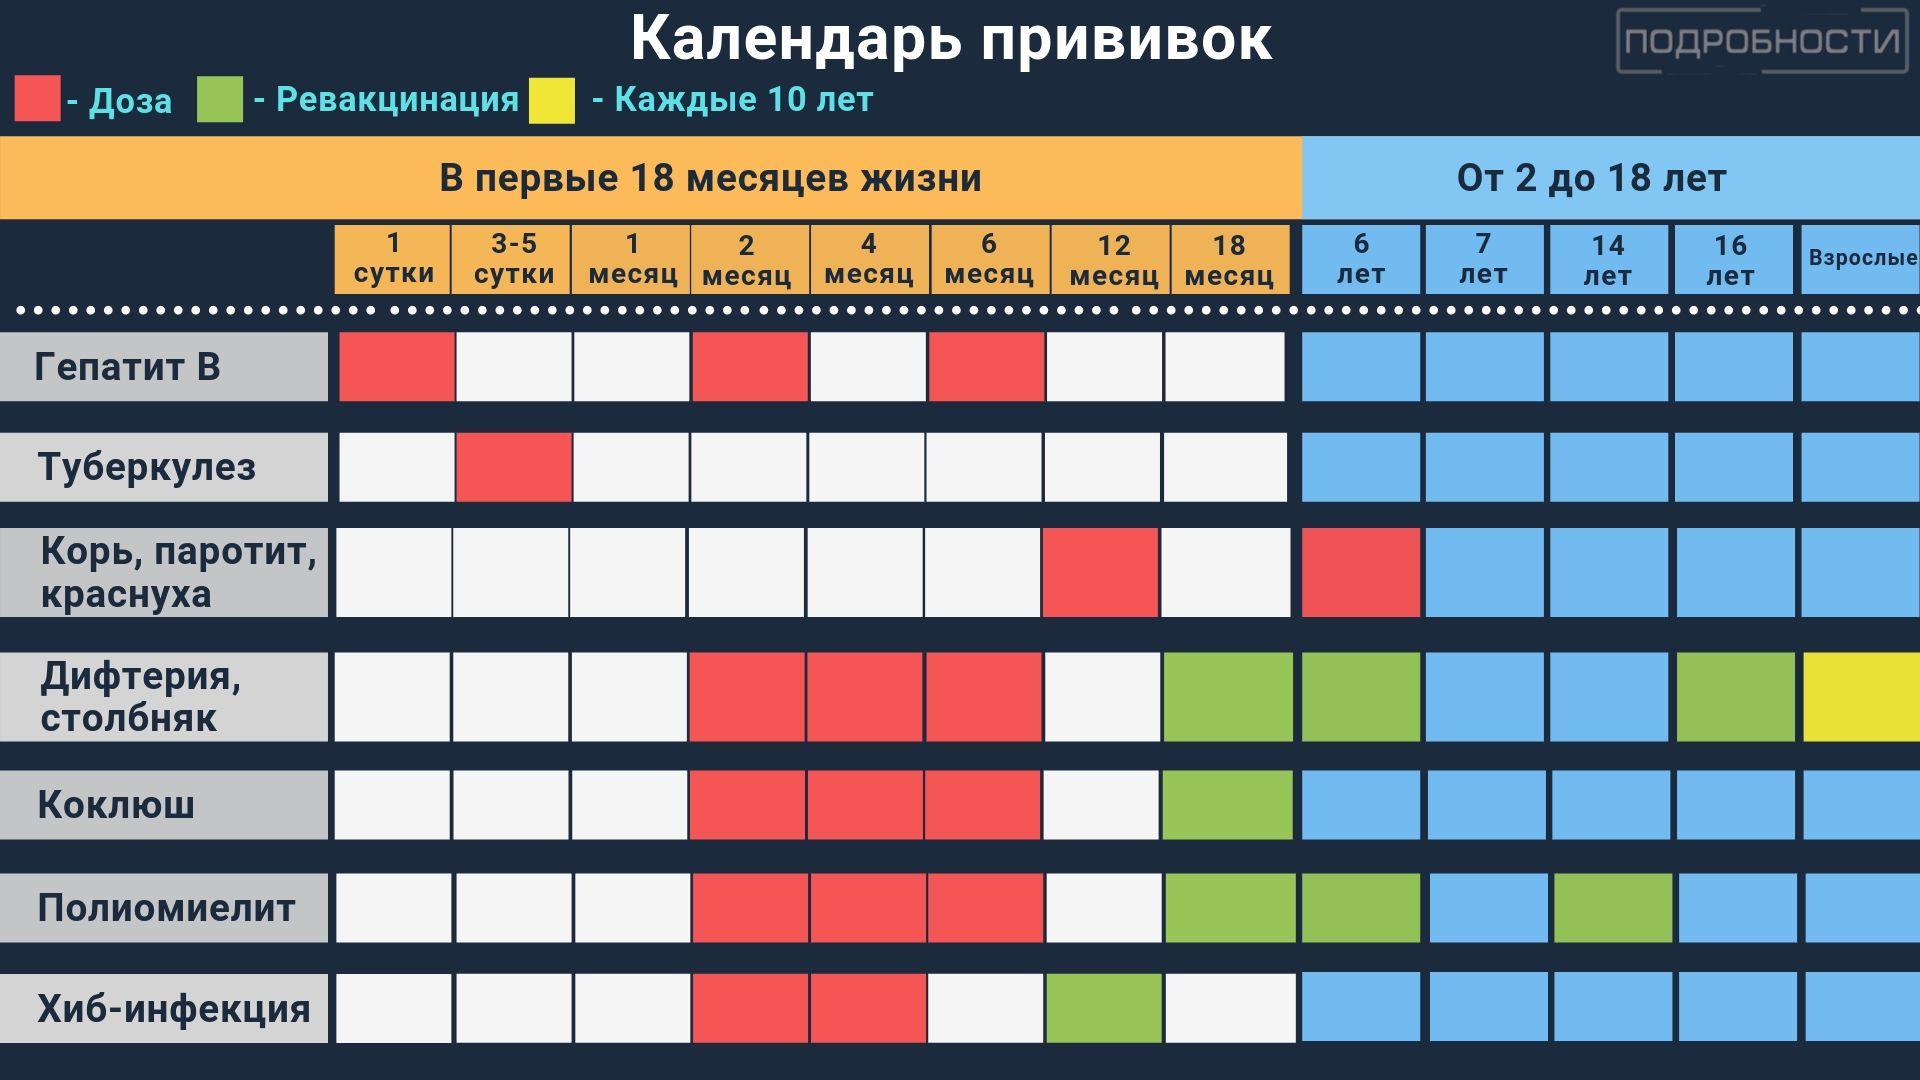 Календарь прививок: правила вакцинации в Украине, фото-1